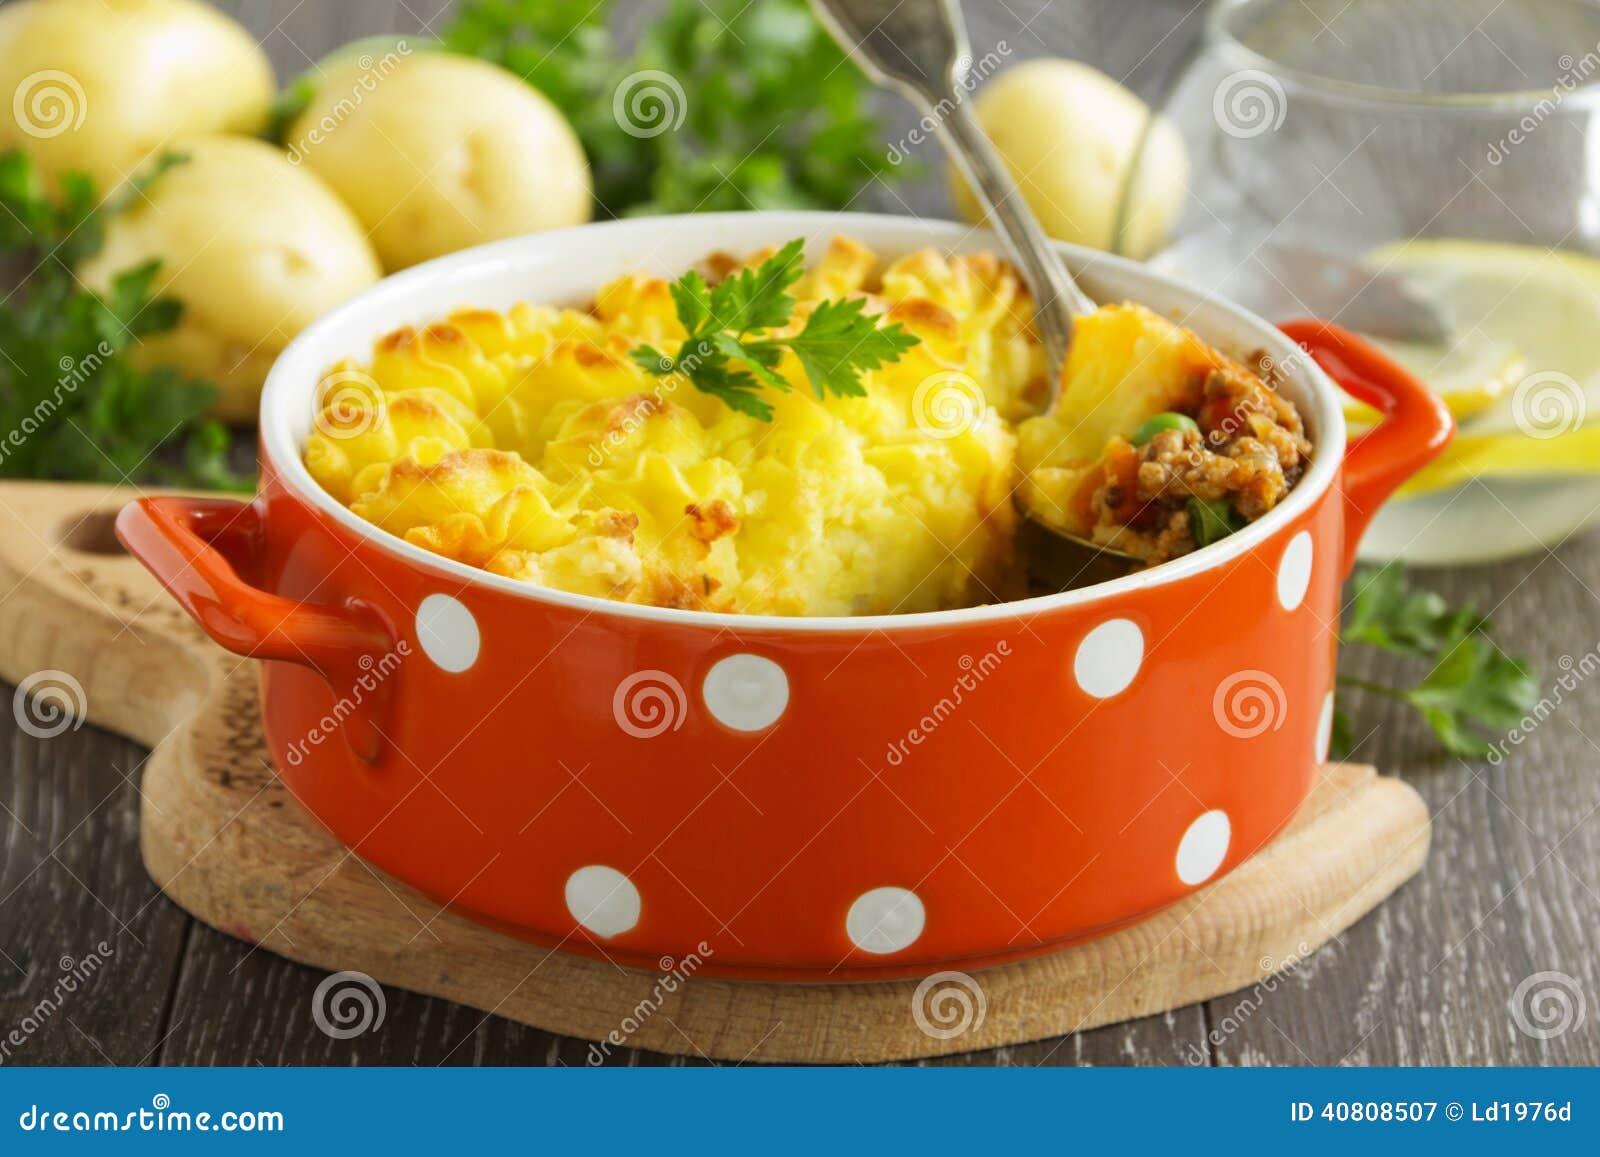 Torta Di Carne, Cucina Inglese Immagine Stock - Immagine di cuisine ...